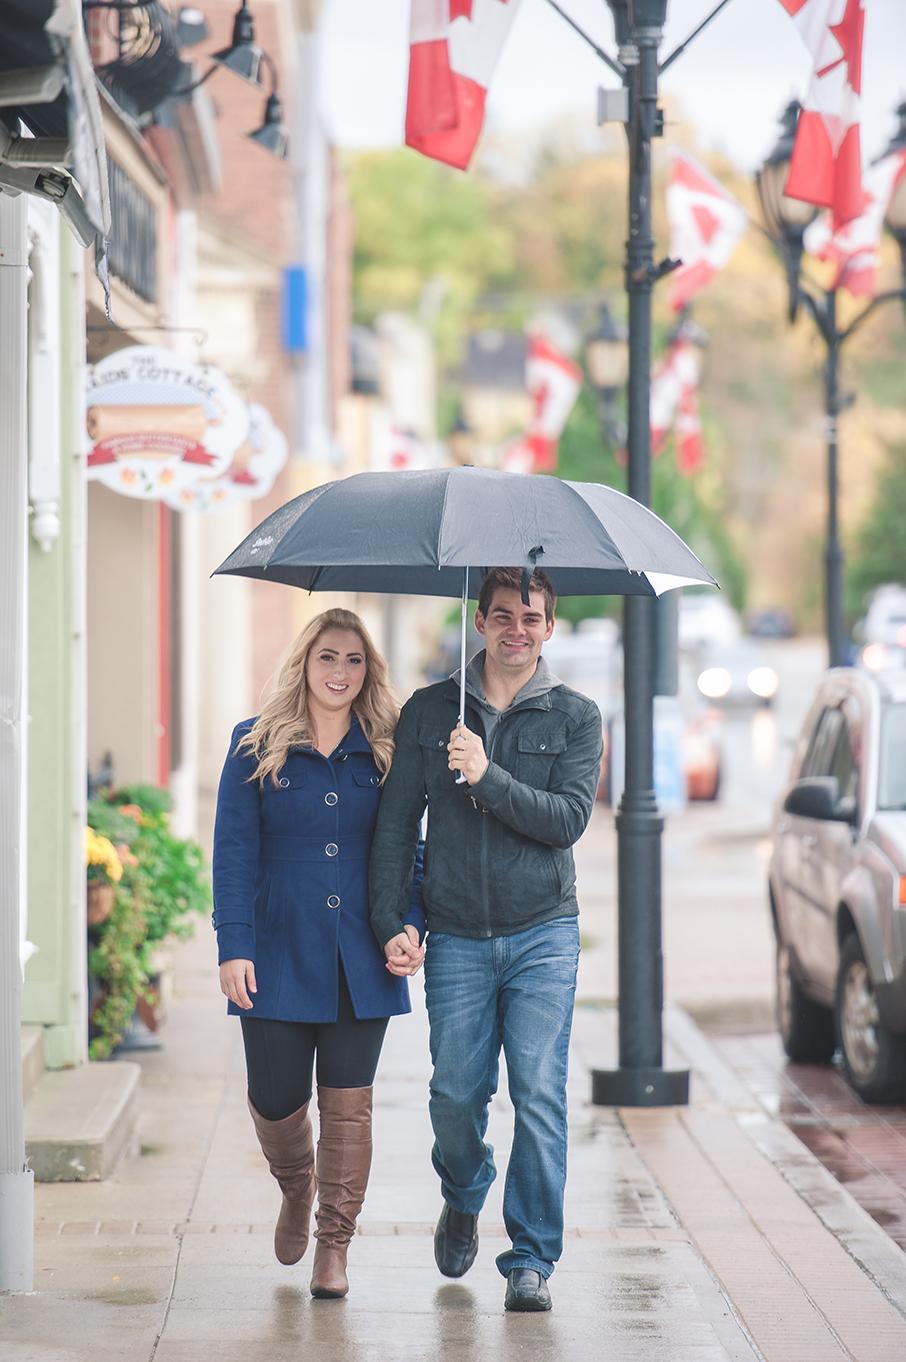 Diana&Danny_Engagement-35.jpg